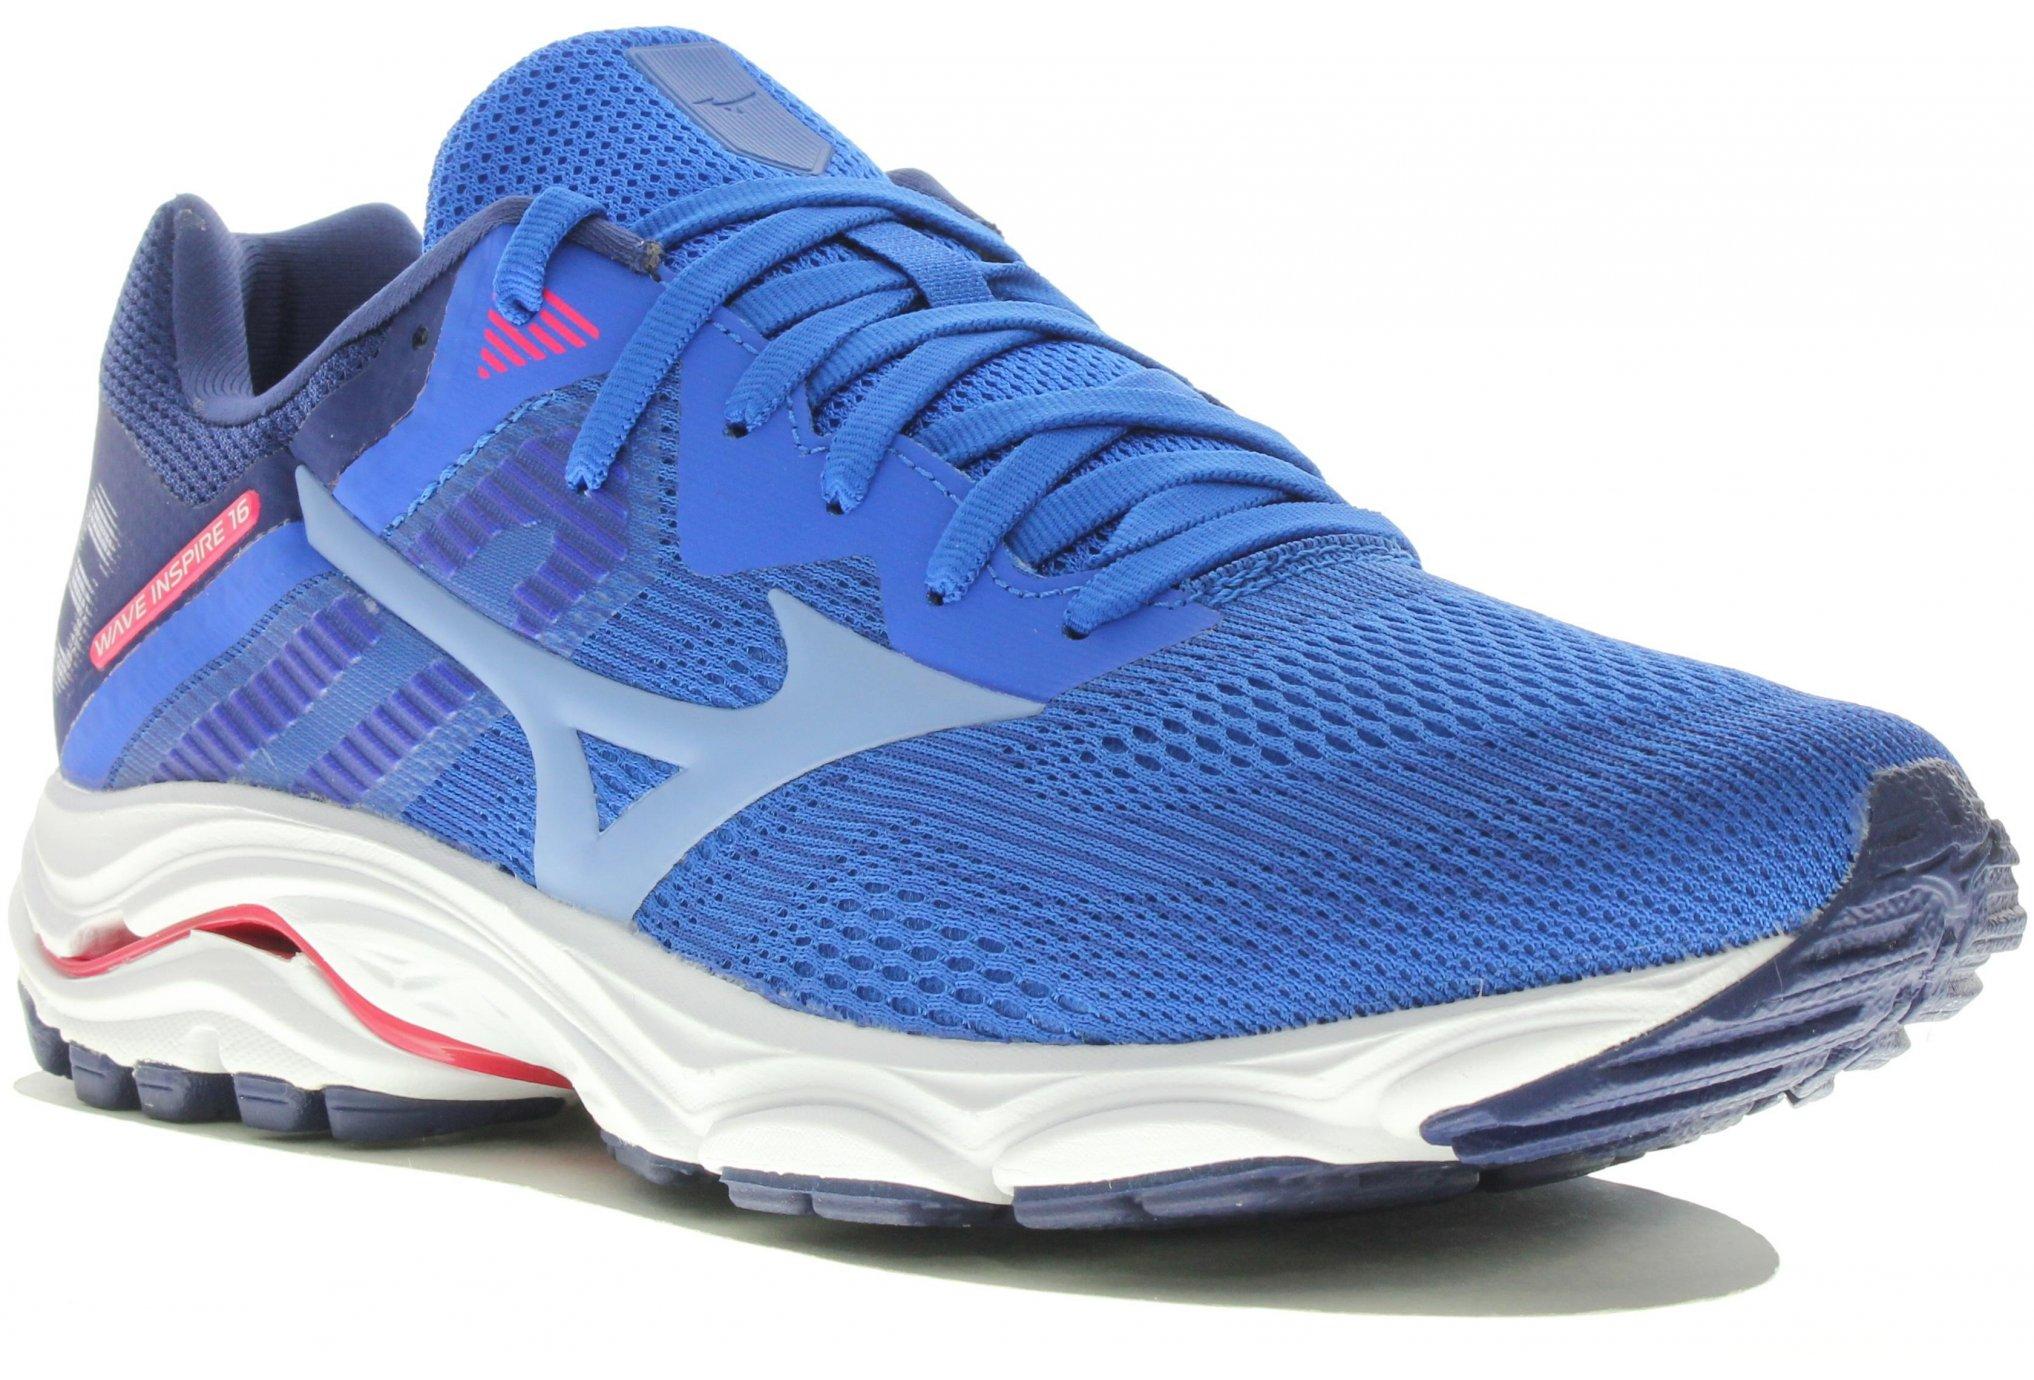 Mizuno Wave Inspire 16 Chaussures running femme